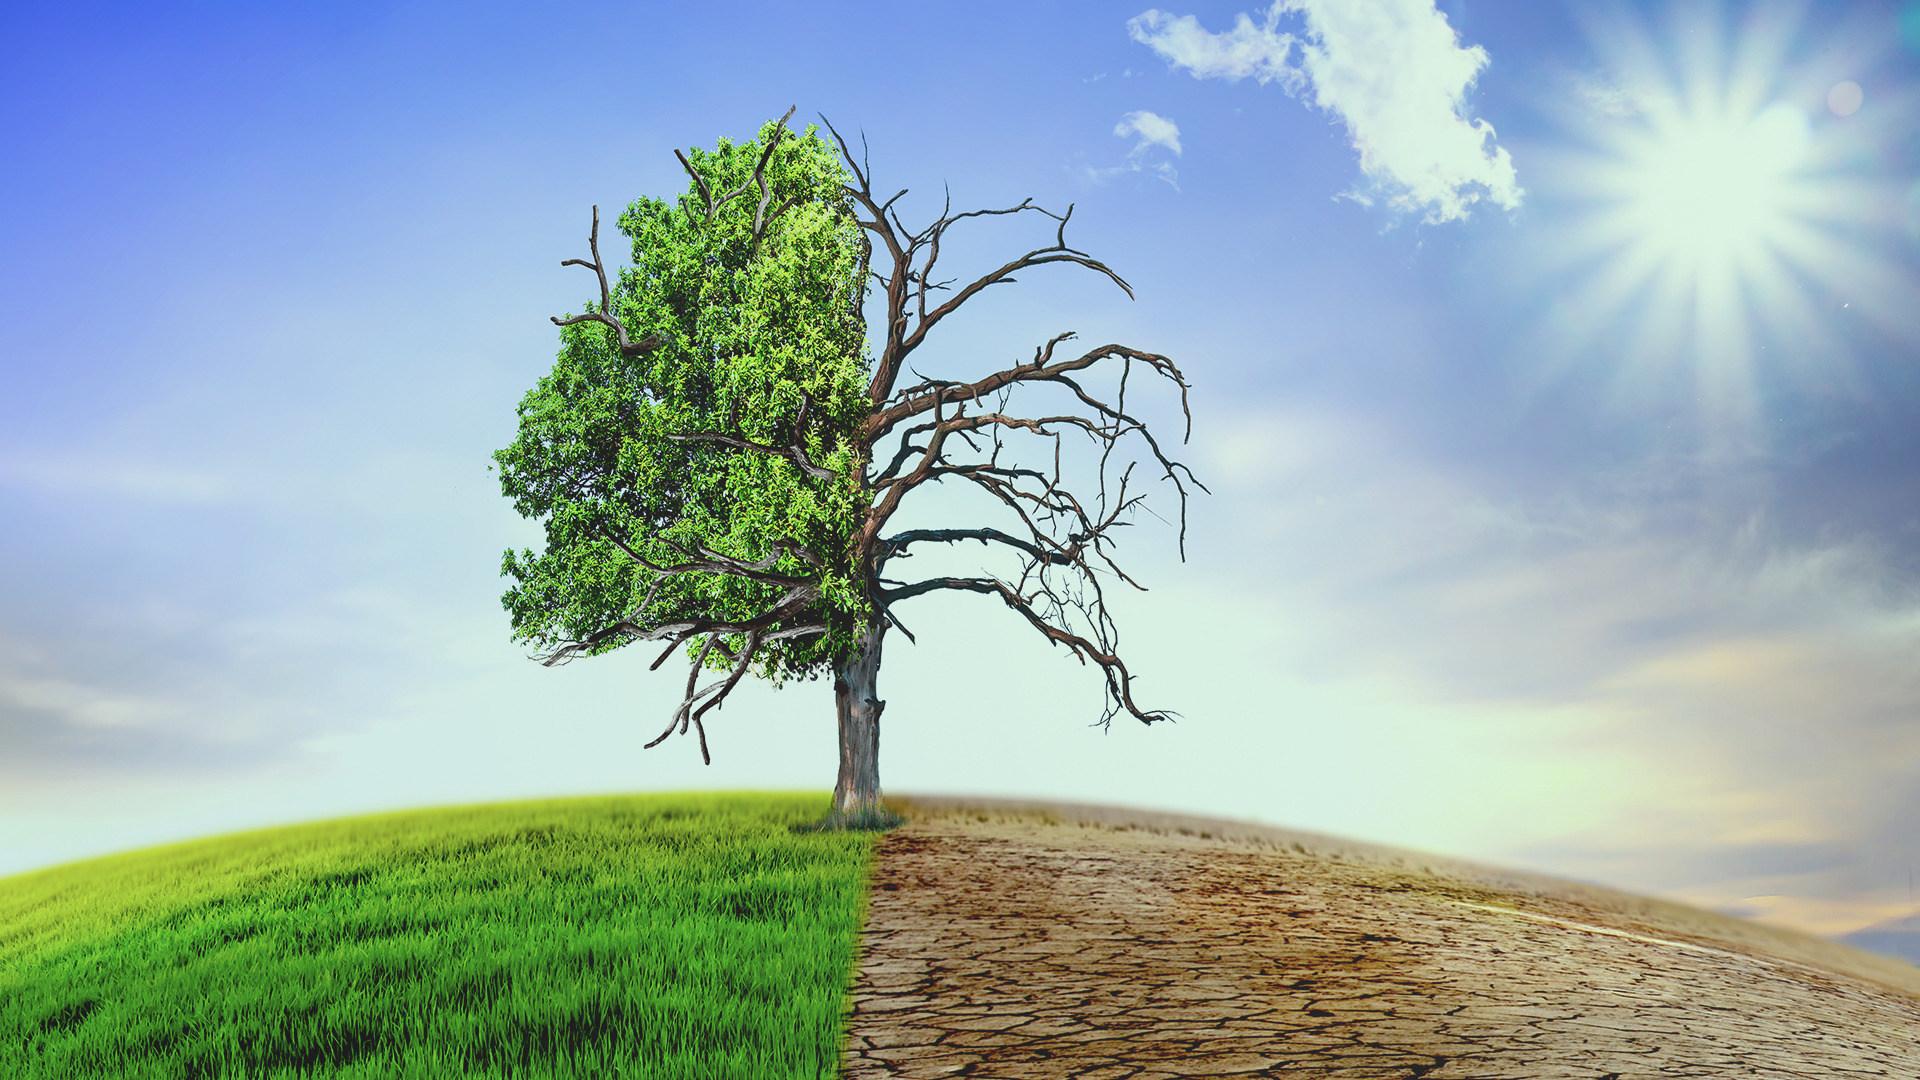 Energie, Umwelt, Erde, Klima, Planet, Umweltschutz, ökostrom, Klimaschutz, Fabrik, Welt, Klimawandel, Globus, Erderwärmung, Klimaerwärmung, Klimapolitik, Erwärmung, Climate, Umweltfreundlich, Temperatur, Greenpeace, Ozean, Weltklimagipfel, Pflanze, Regenwald, Urwald, Wald, Himmel, Verantwortung, Baum, Nordpol, Sommer, Wüste, Bäume, Katastrophen, Katastrophe, Jahreszeiten, Toter Baum